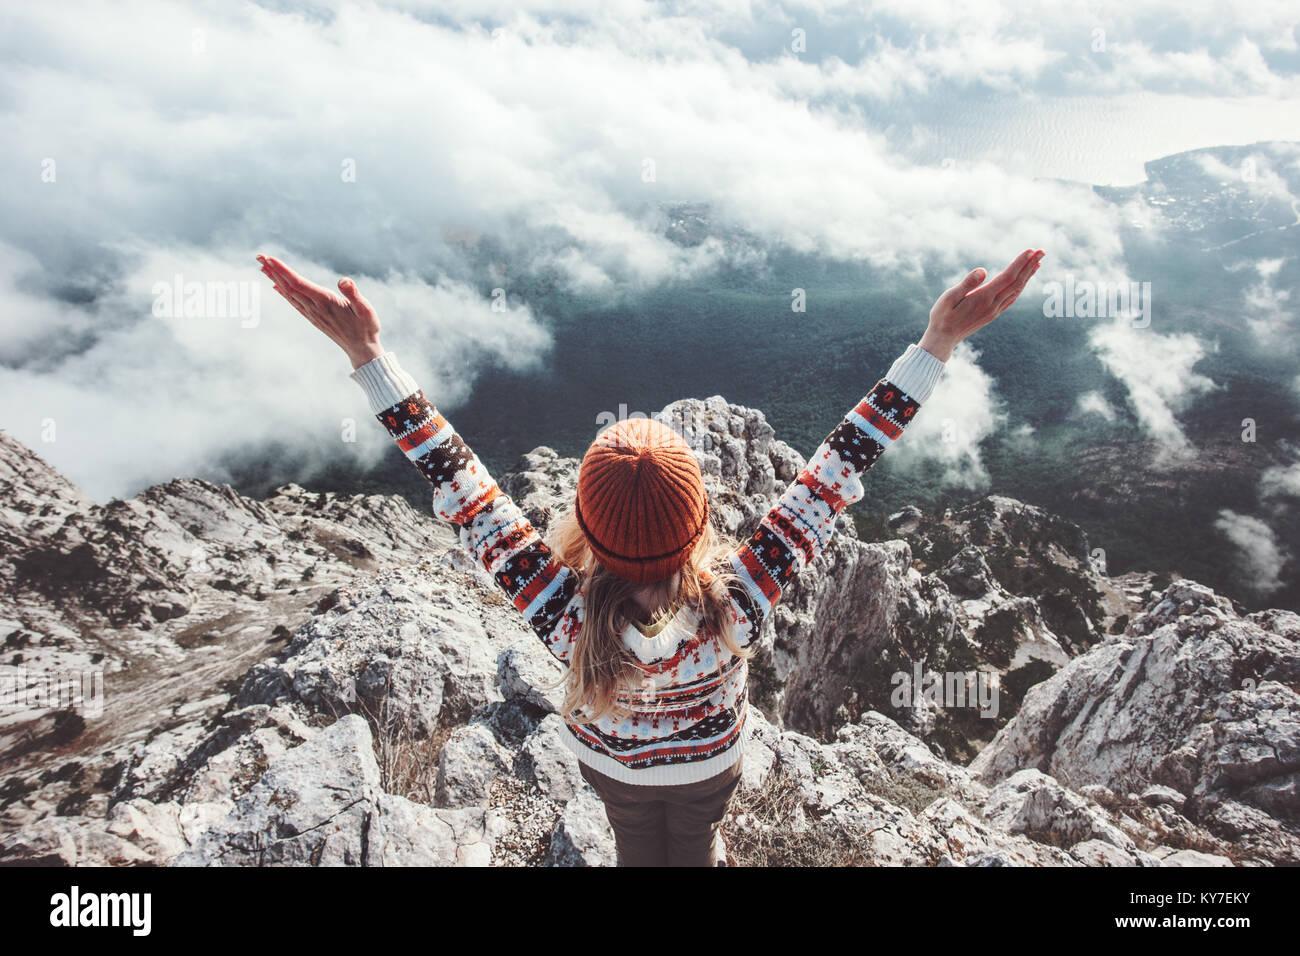 Happy woman traveler sur sommet de montagne les mains levées jusqu'Vie Voyage aventure concept réussite Photo Stock